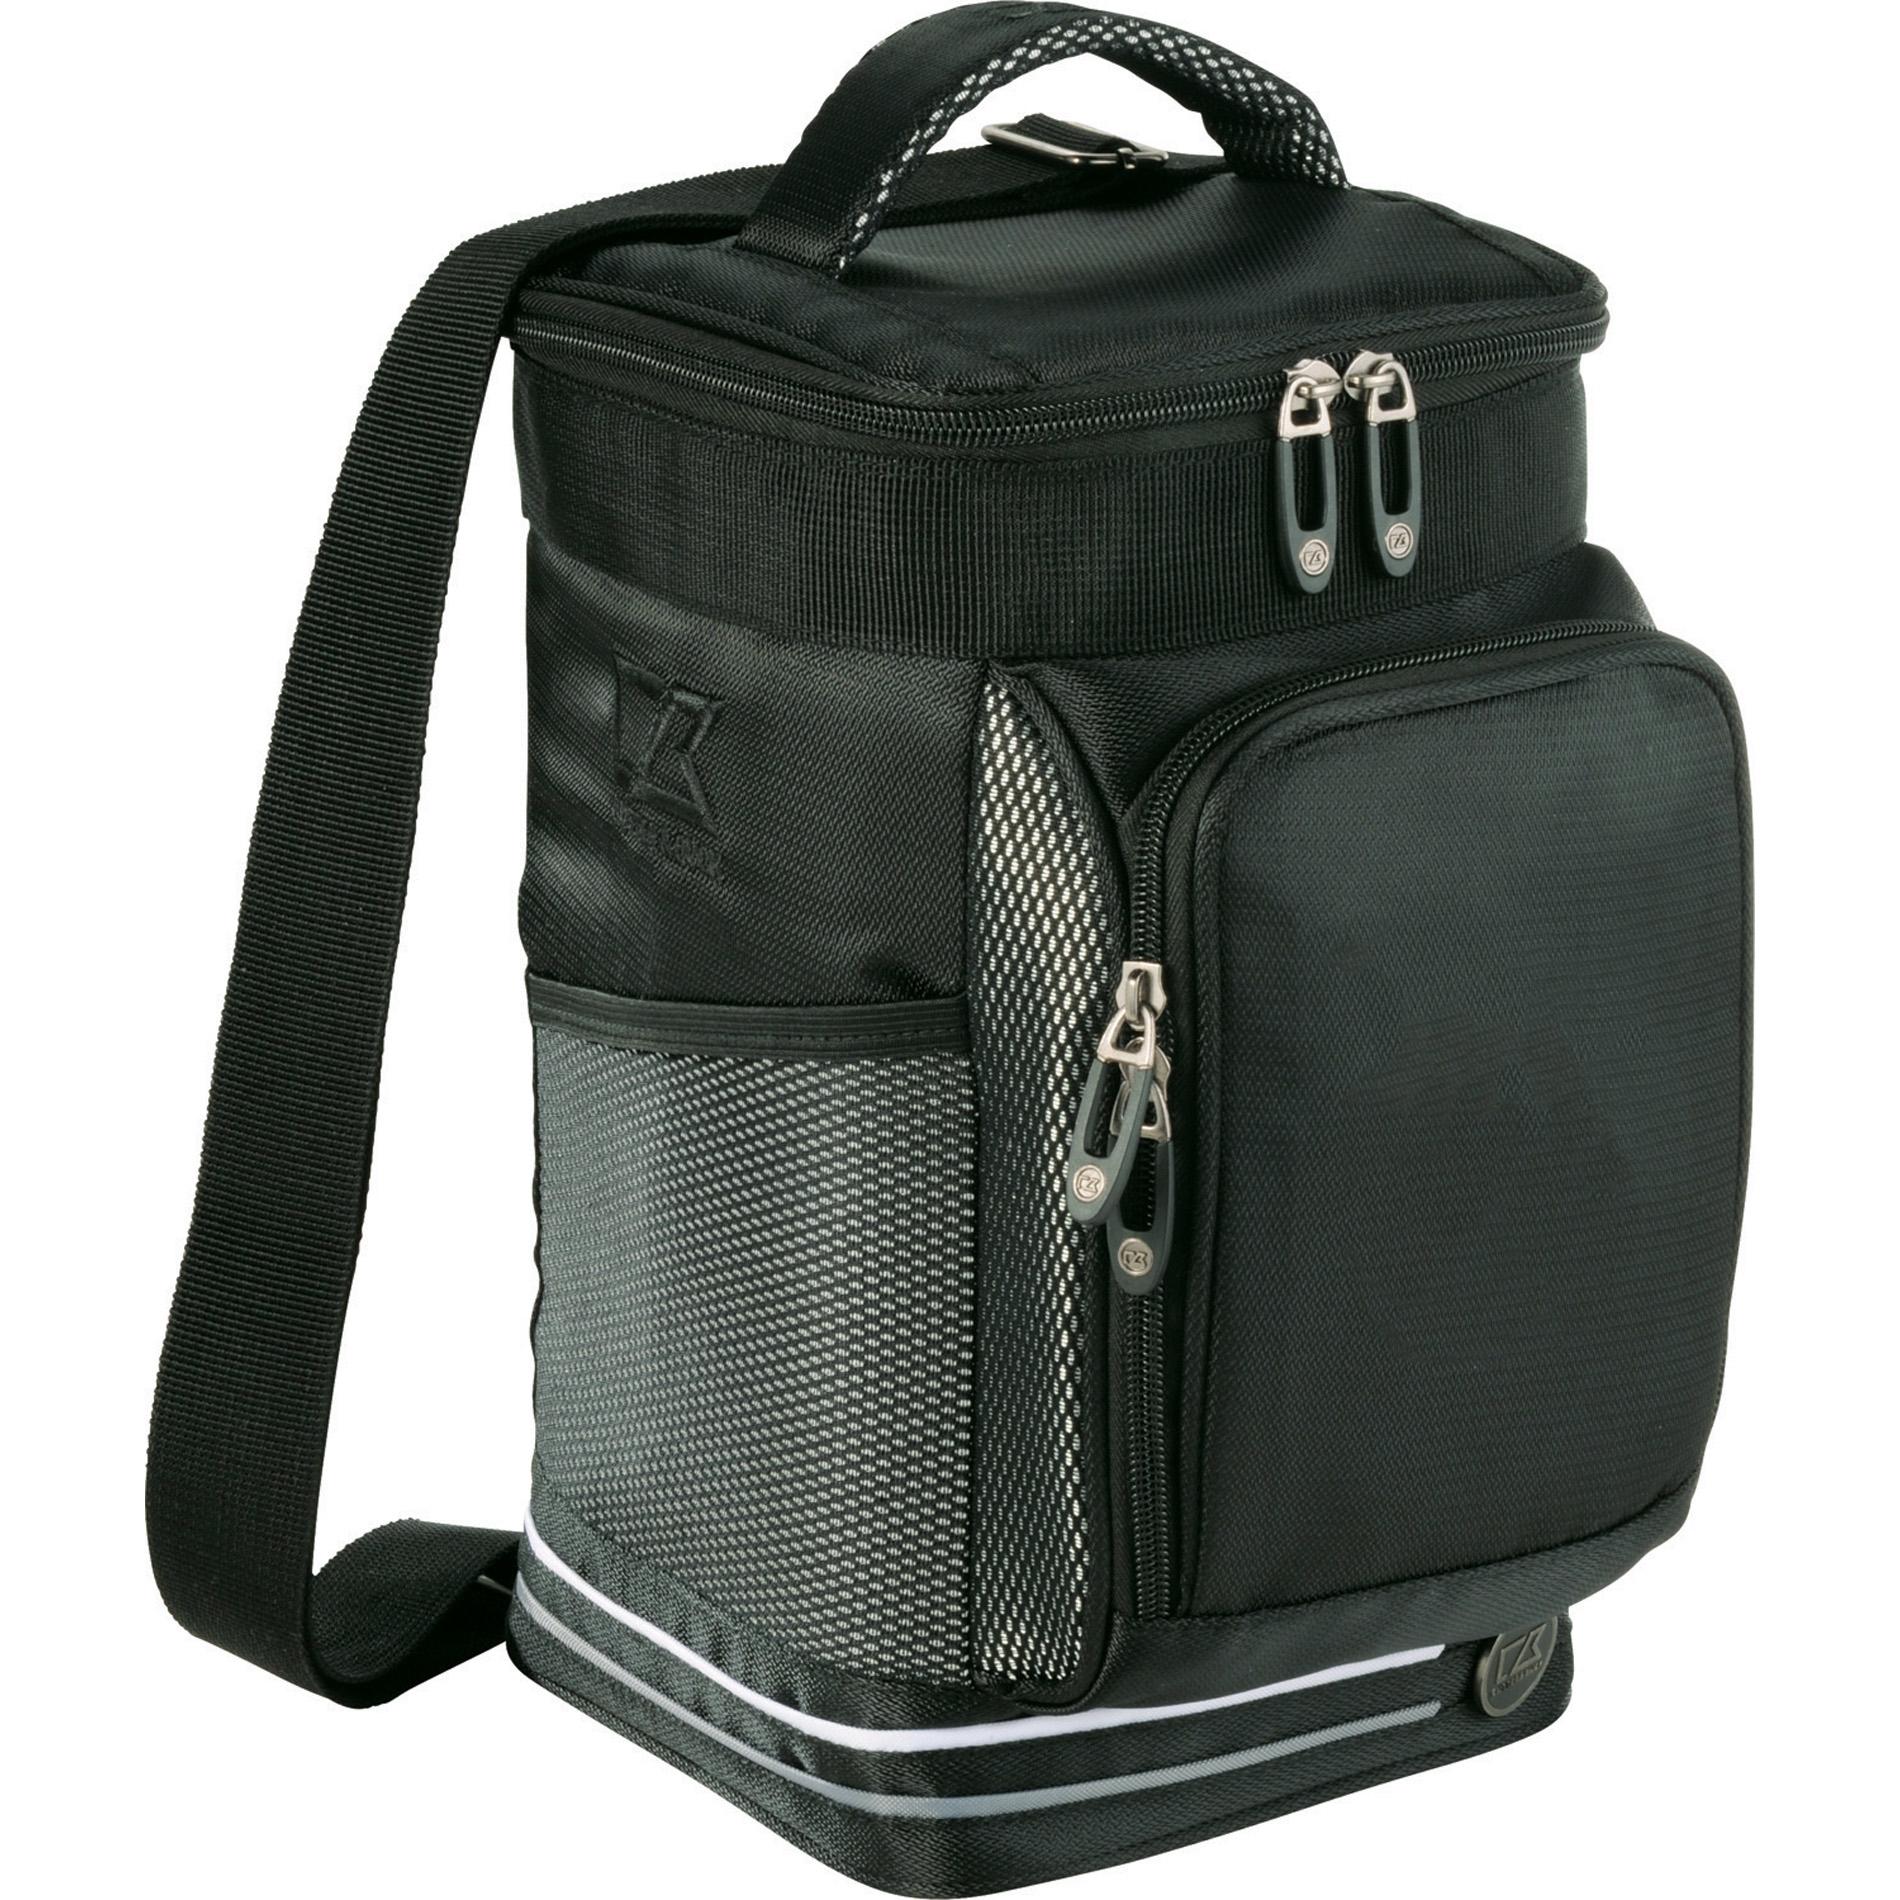 Cutter & Buck 9860-67 - Tour Golf Bag Cooler